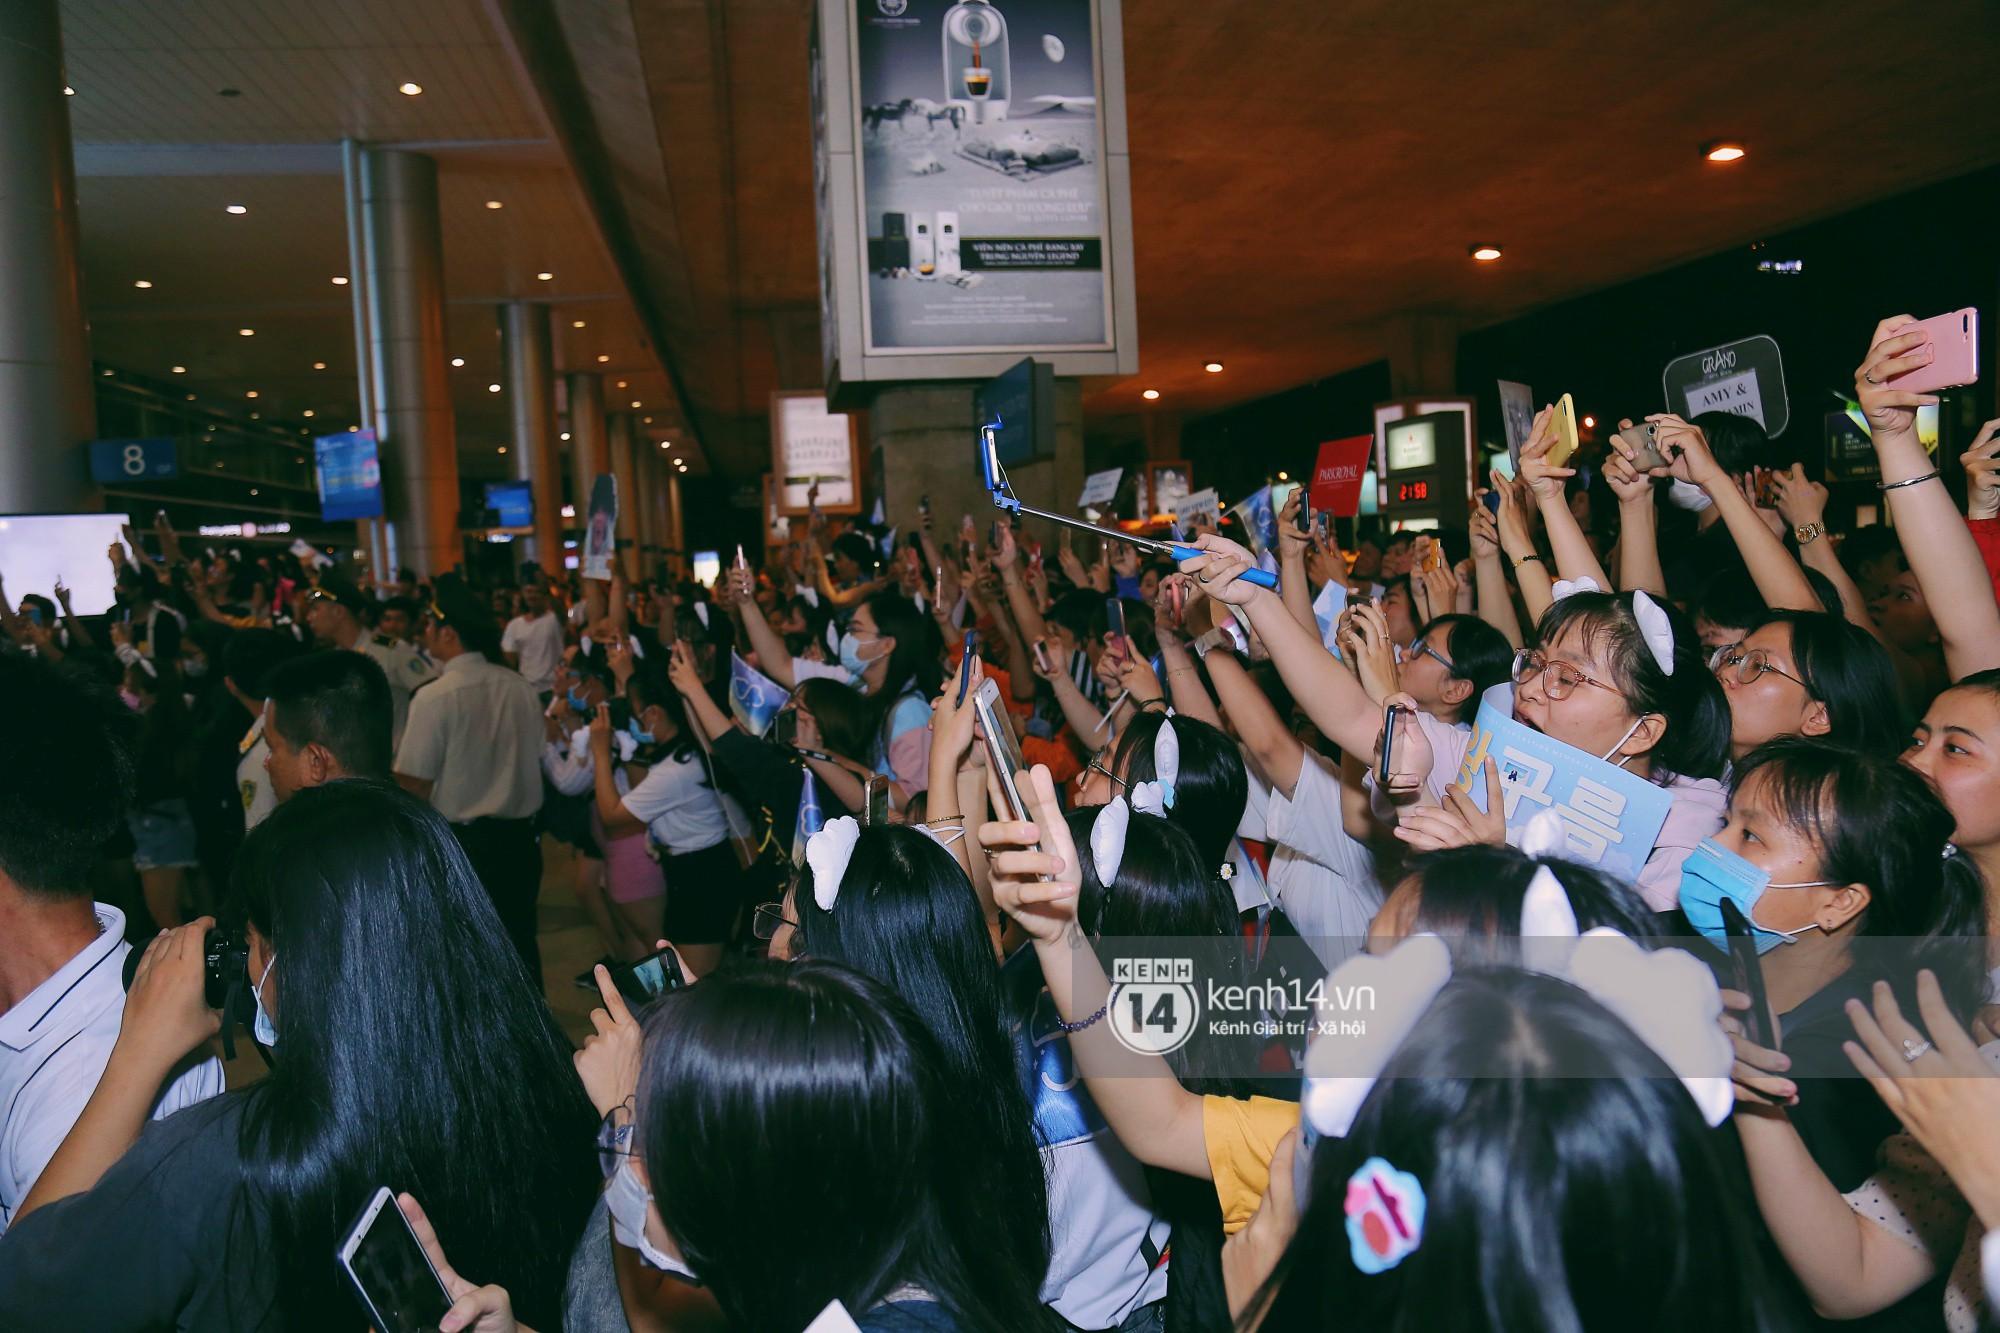 Dàn idol Kpop khiến sân bay Tân Sơn Nhất nổ tung giữa đêm: Mỹ nam Wanna One trắng bật tông, KARD há hốc vì biển fan - Ảnh 14.